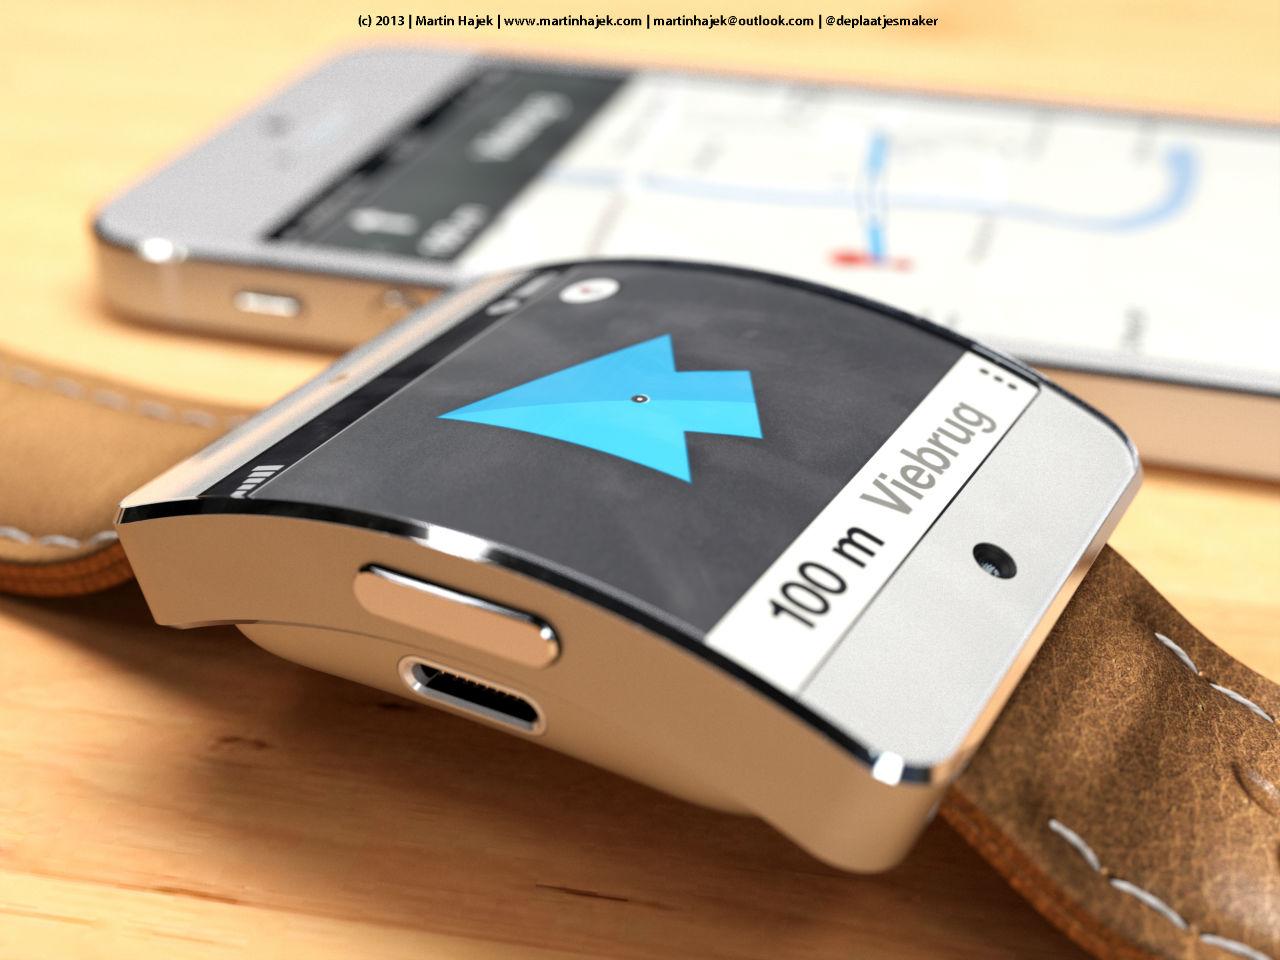 Cette image présente un concept de smartwatch iWatch d'Apple, qui selon notre article, pourrait bientôt servir à tricher aux examens